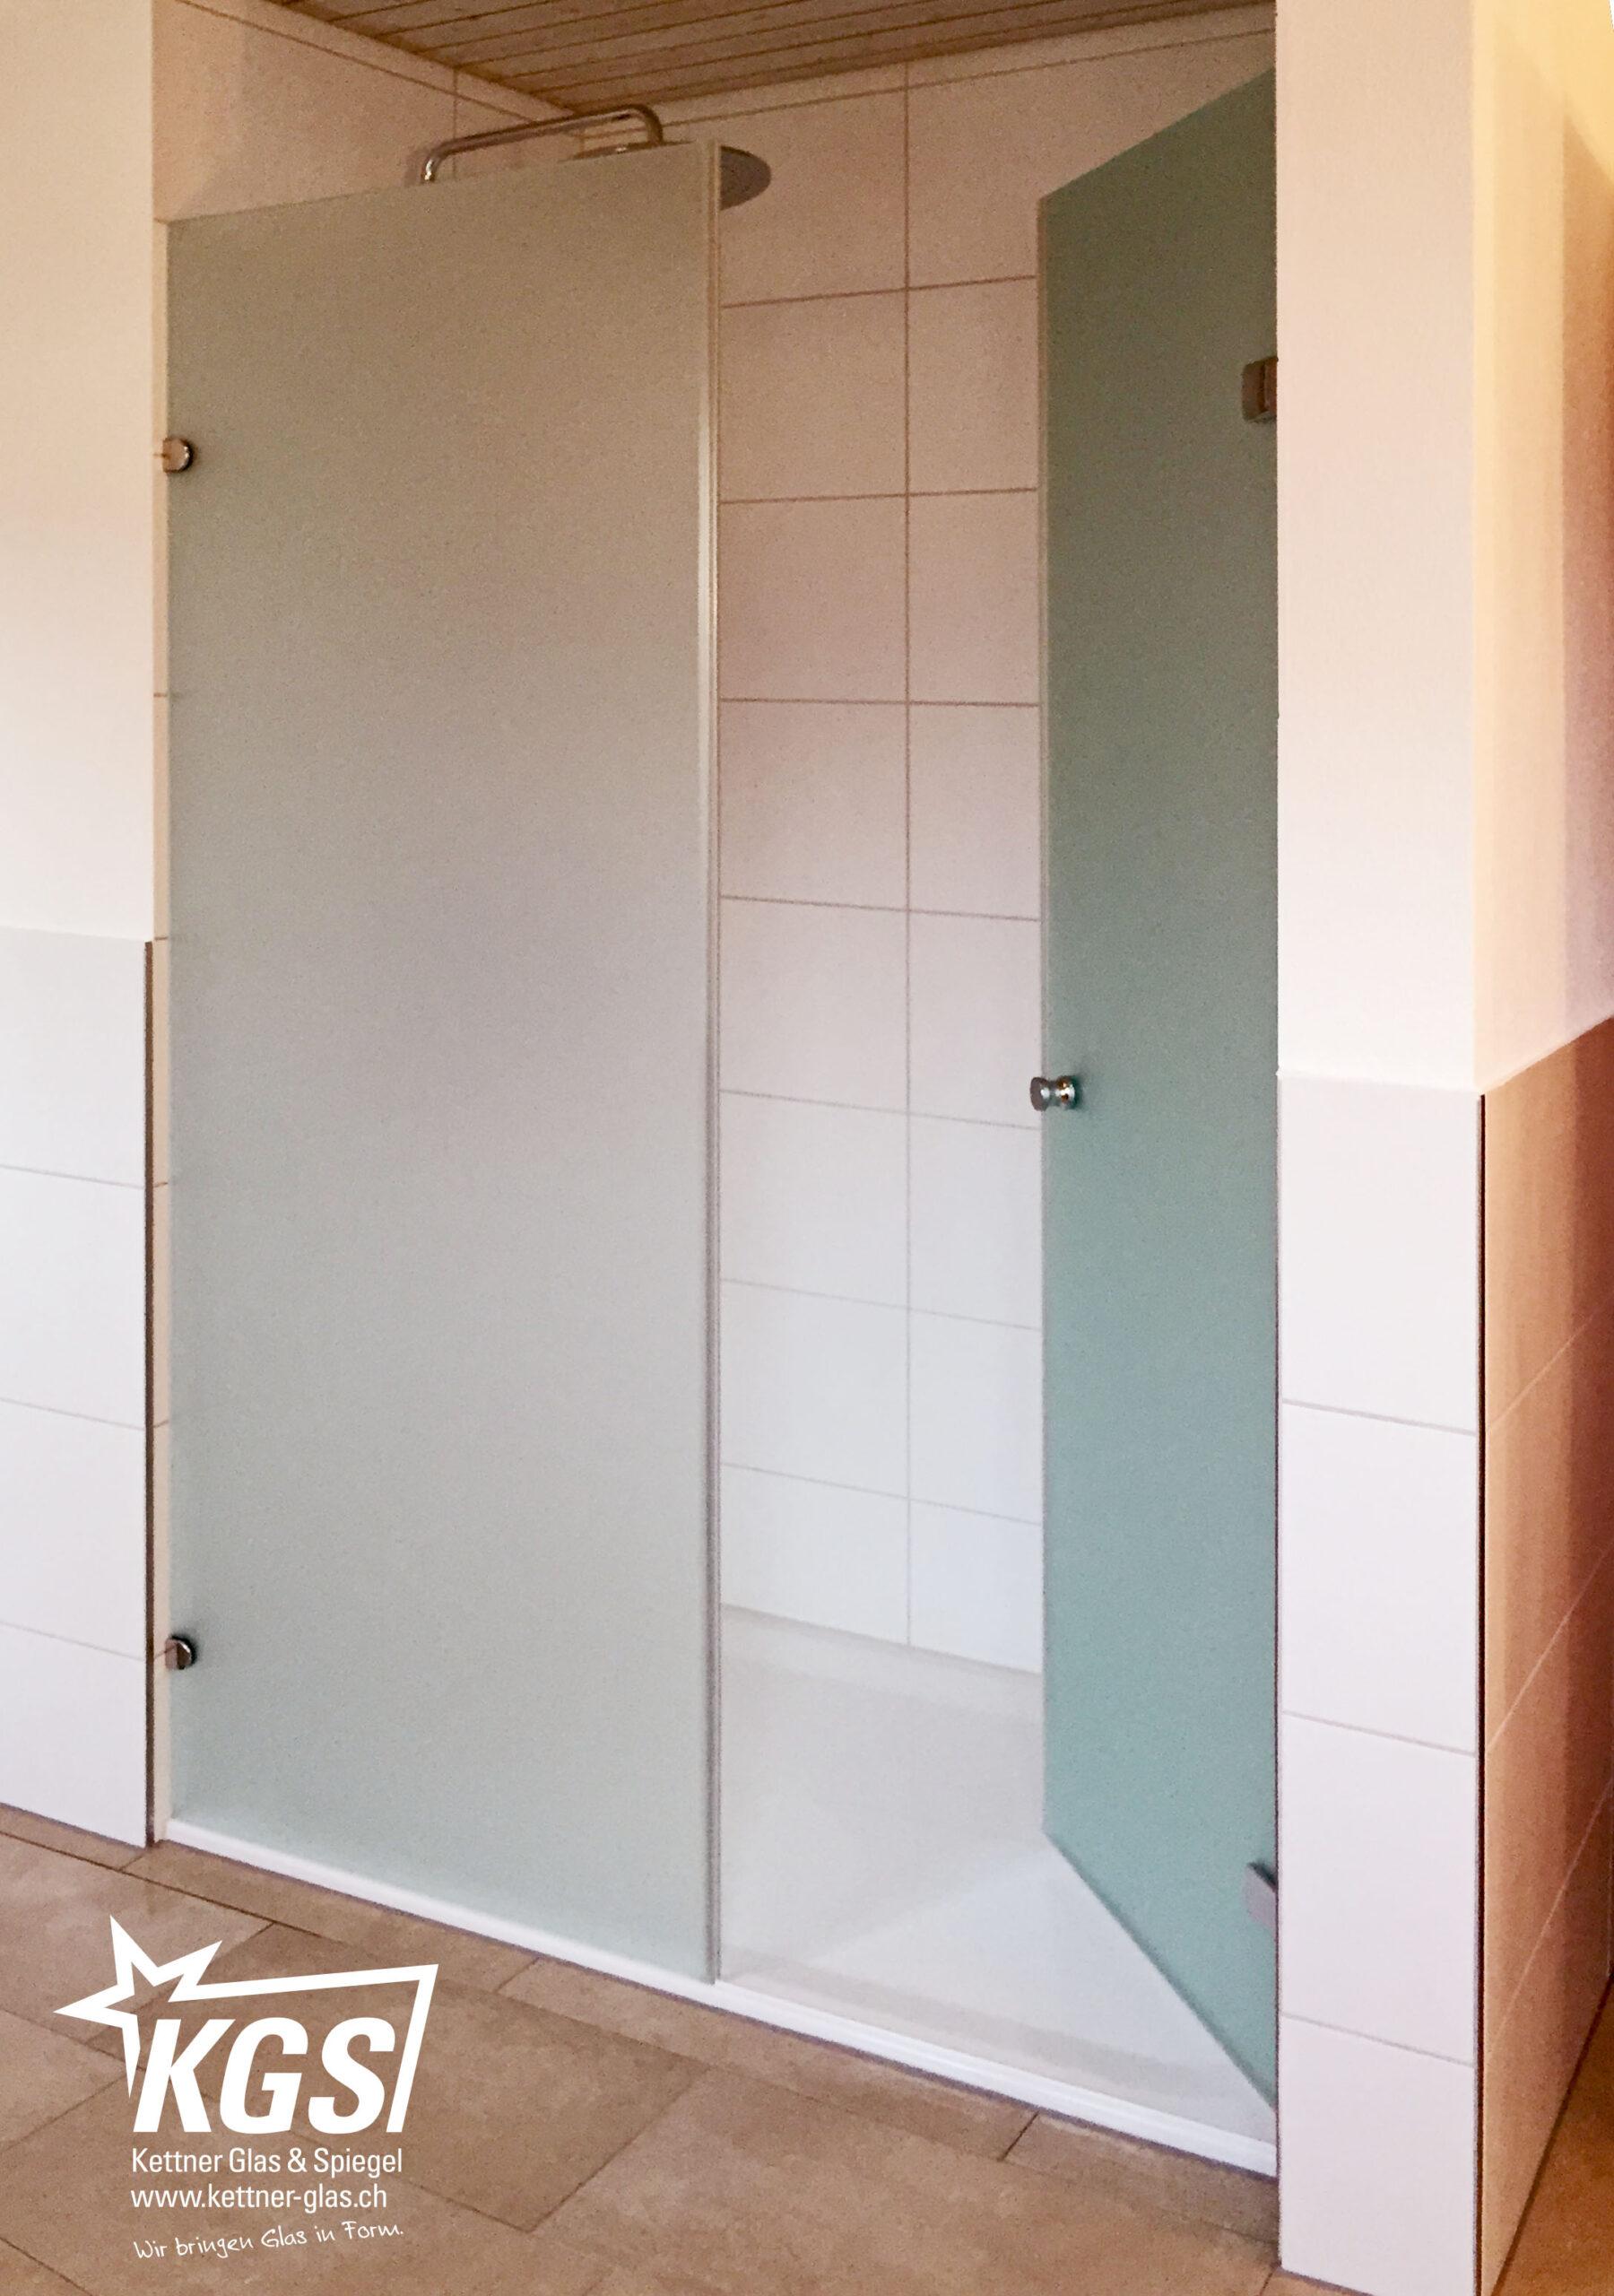 Full Size of Duschkabinen Als Nieschenlsungen Kgs Dusche Komplett Set Grohe Thermostat Bodengleiche Nachträglich Einbauen Begehbare Breuer Duschen Koralle Badewanne Mit Dusche Glaswand Dusche